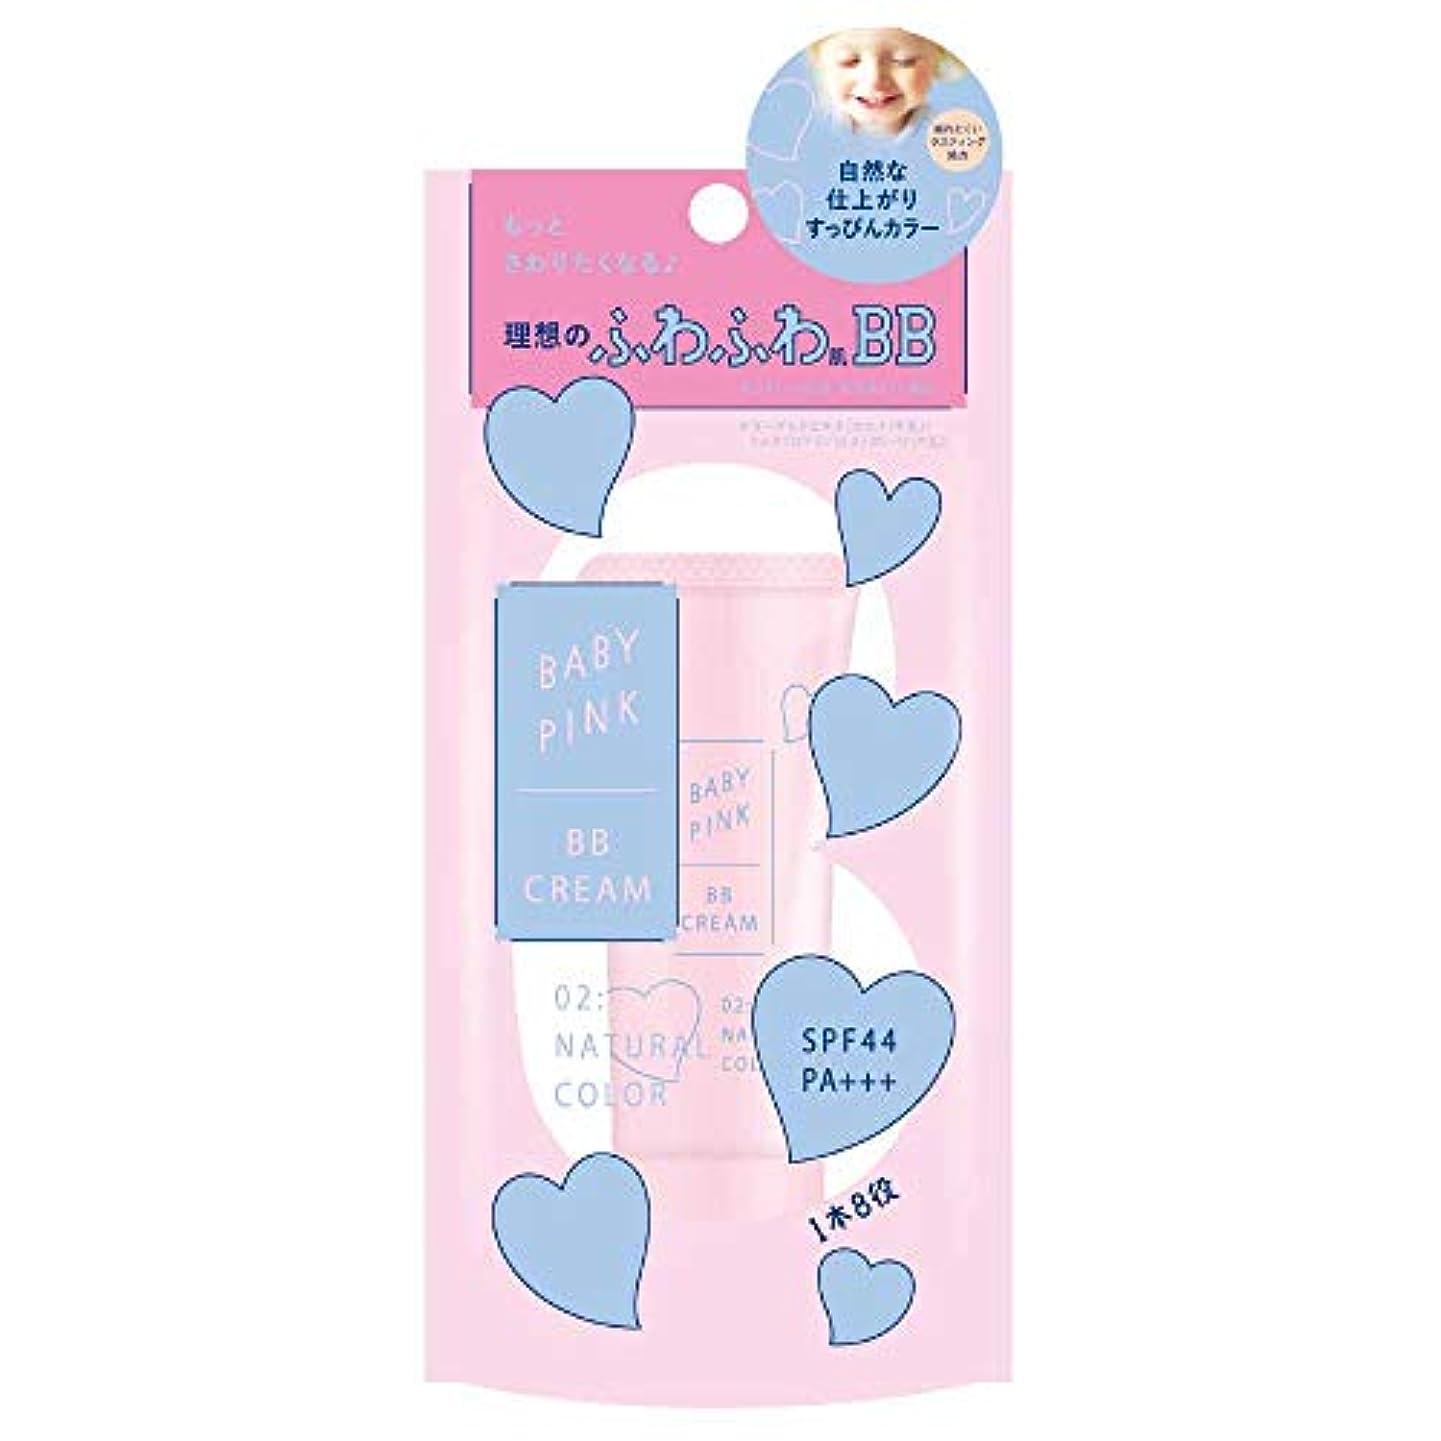 親精査するシャワーベビーピンク BBクリーム 02:ナチュラルカラー 22g